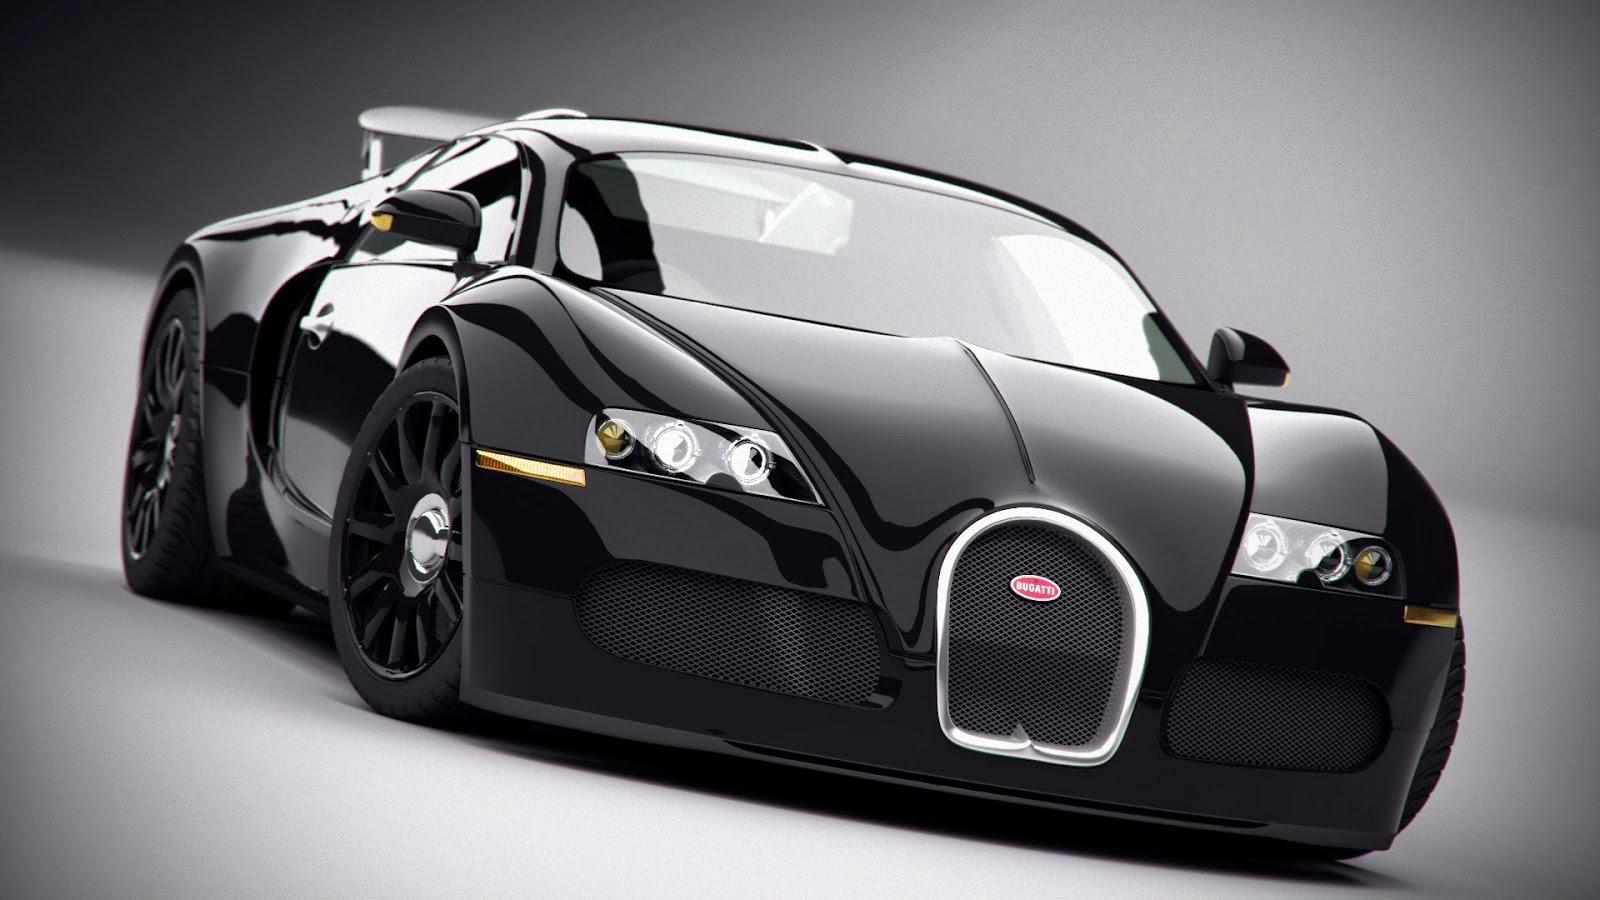 carros increibles...: carros increible. los mejores carros ...